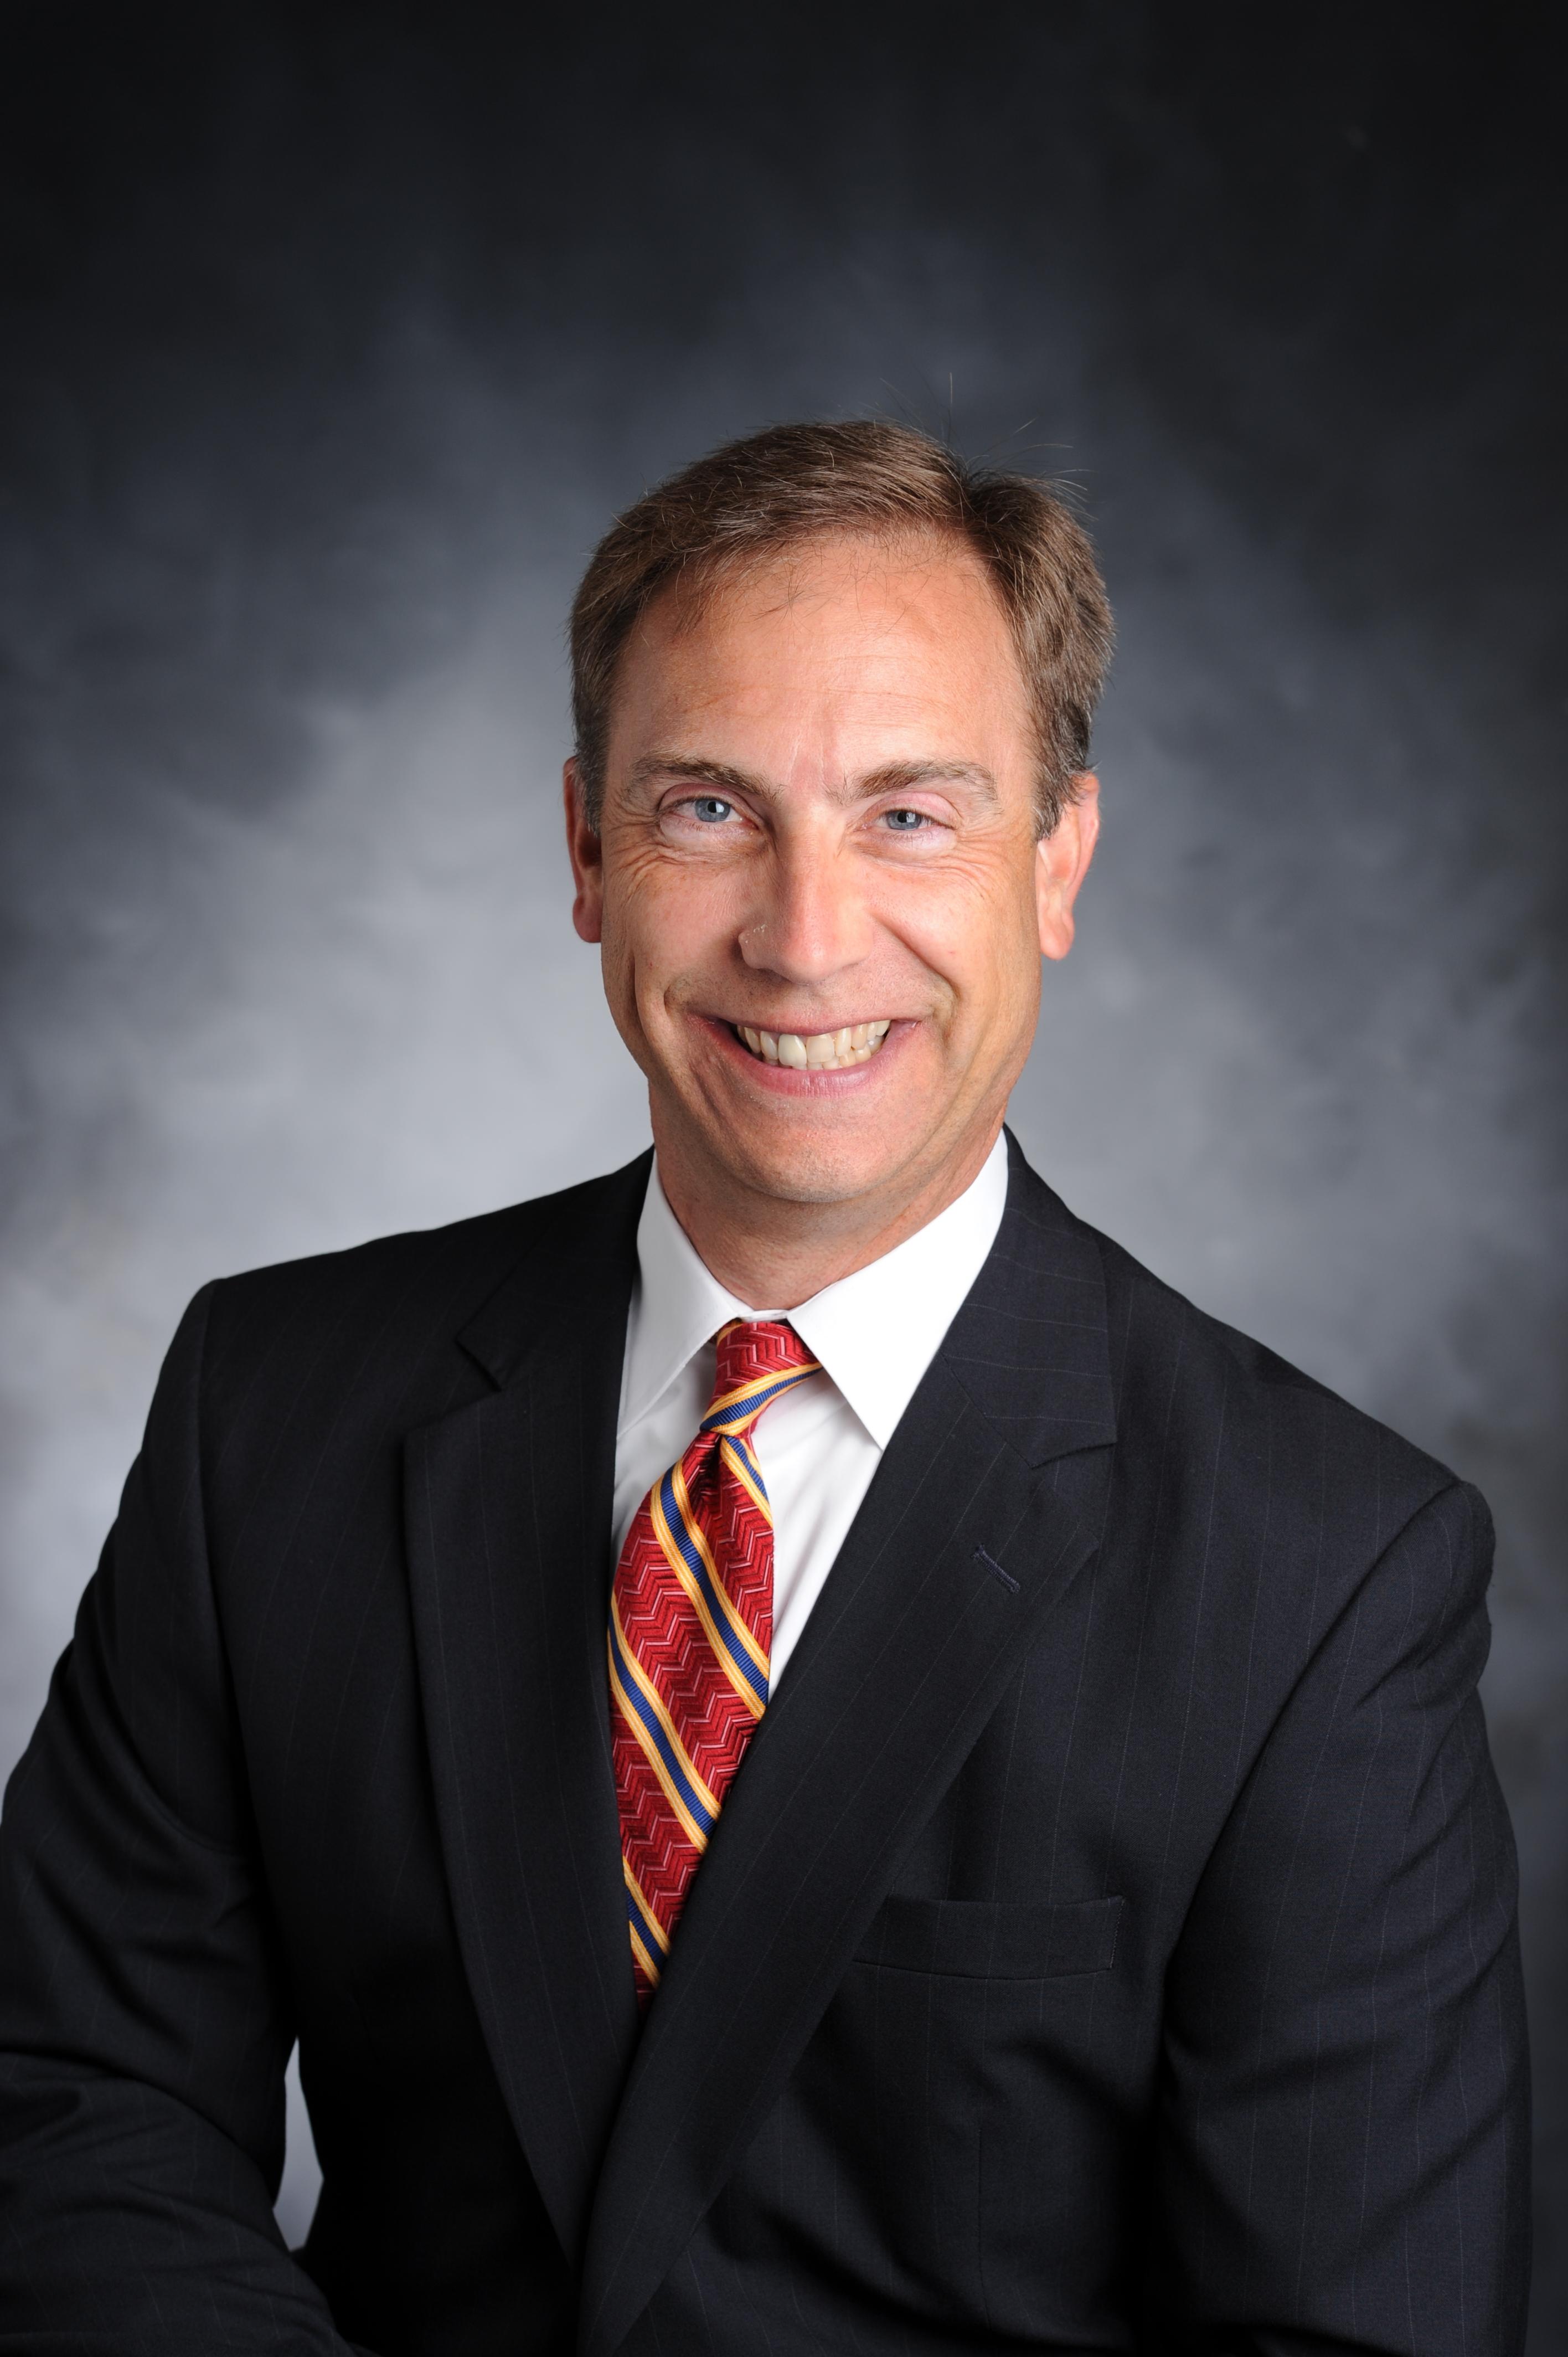 David Sparkman